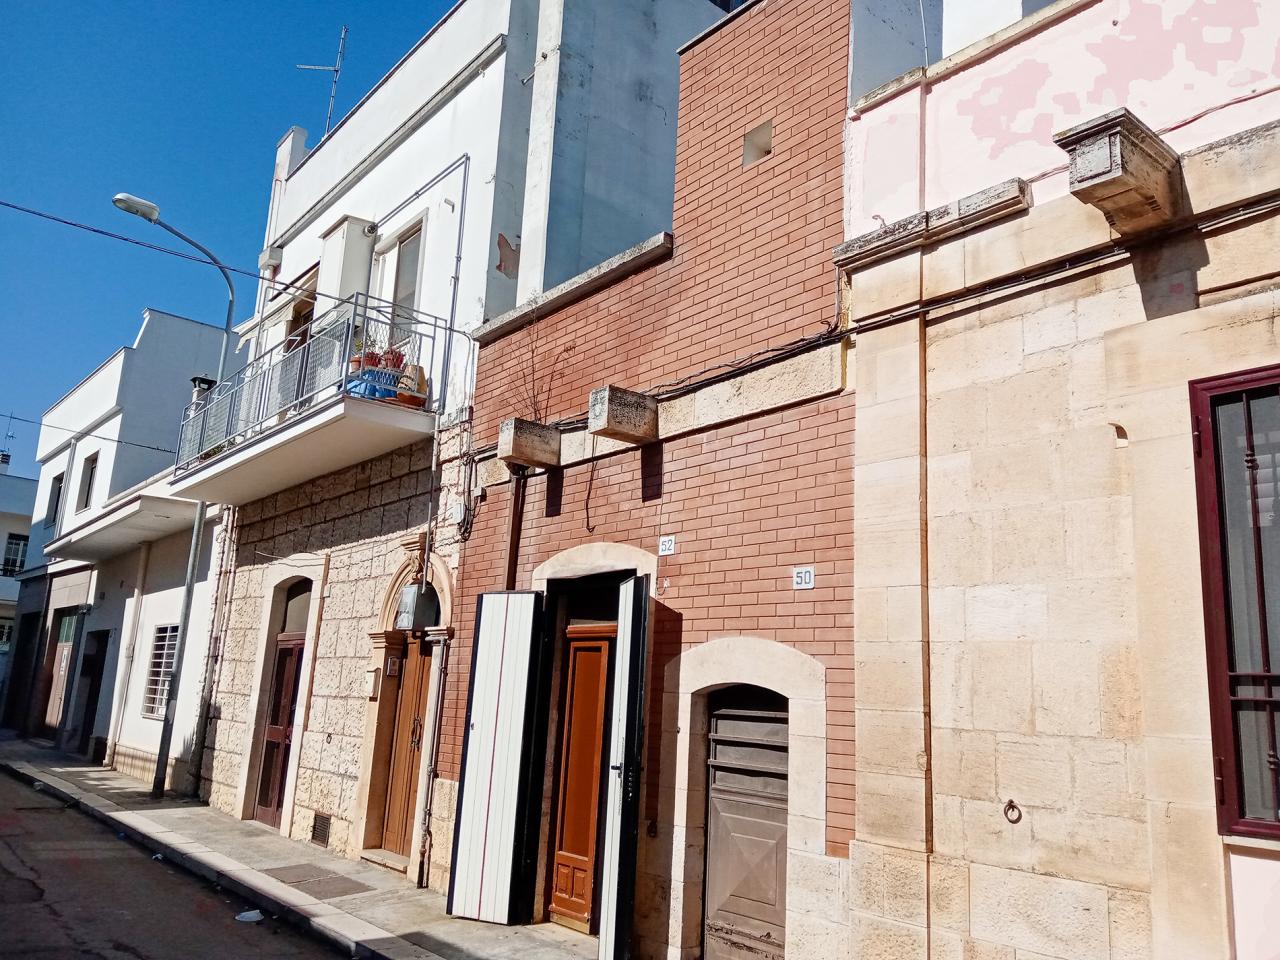 Appartamento in vendita a Casamassima, 2 locali, prezzo € 48.000   PortaleAgenzieImmobiliari.it